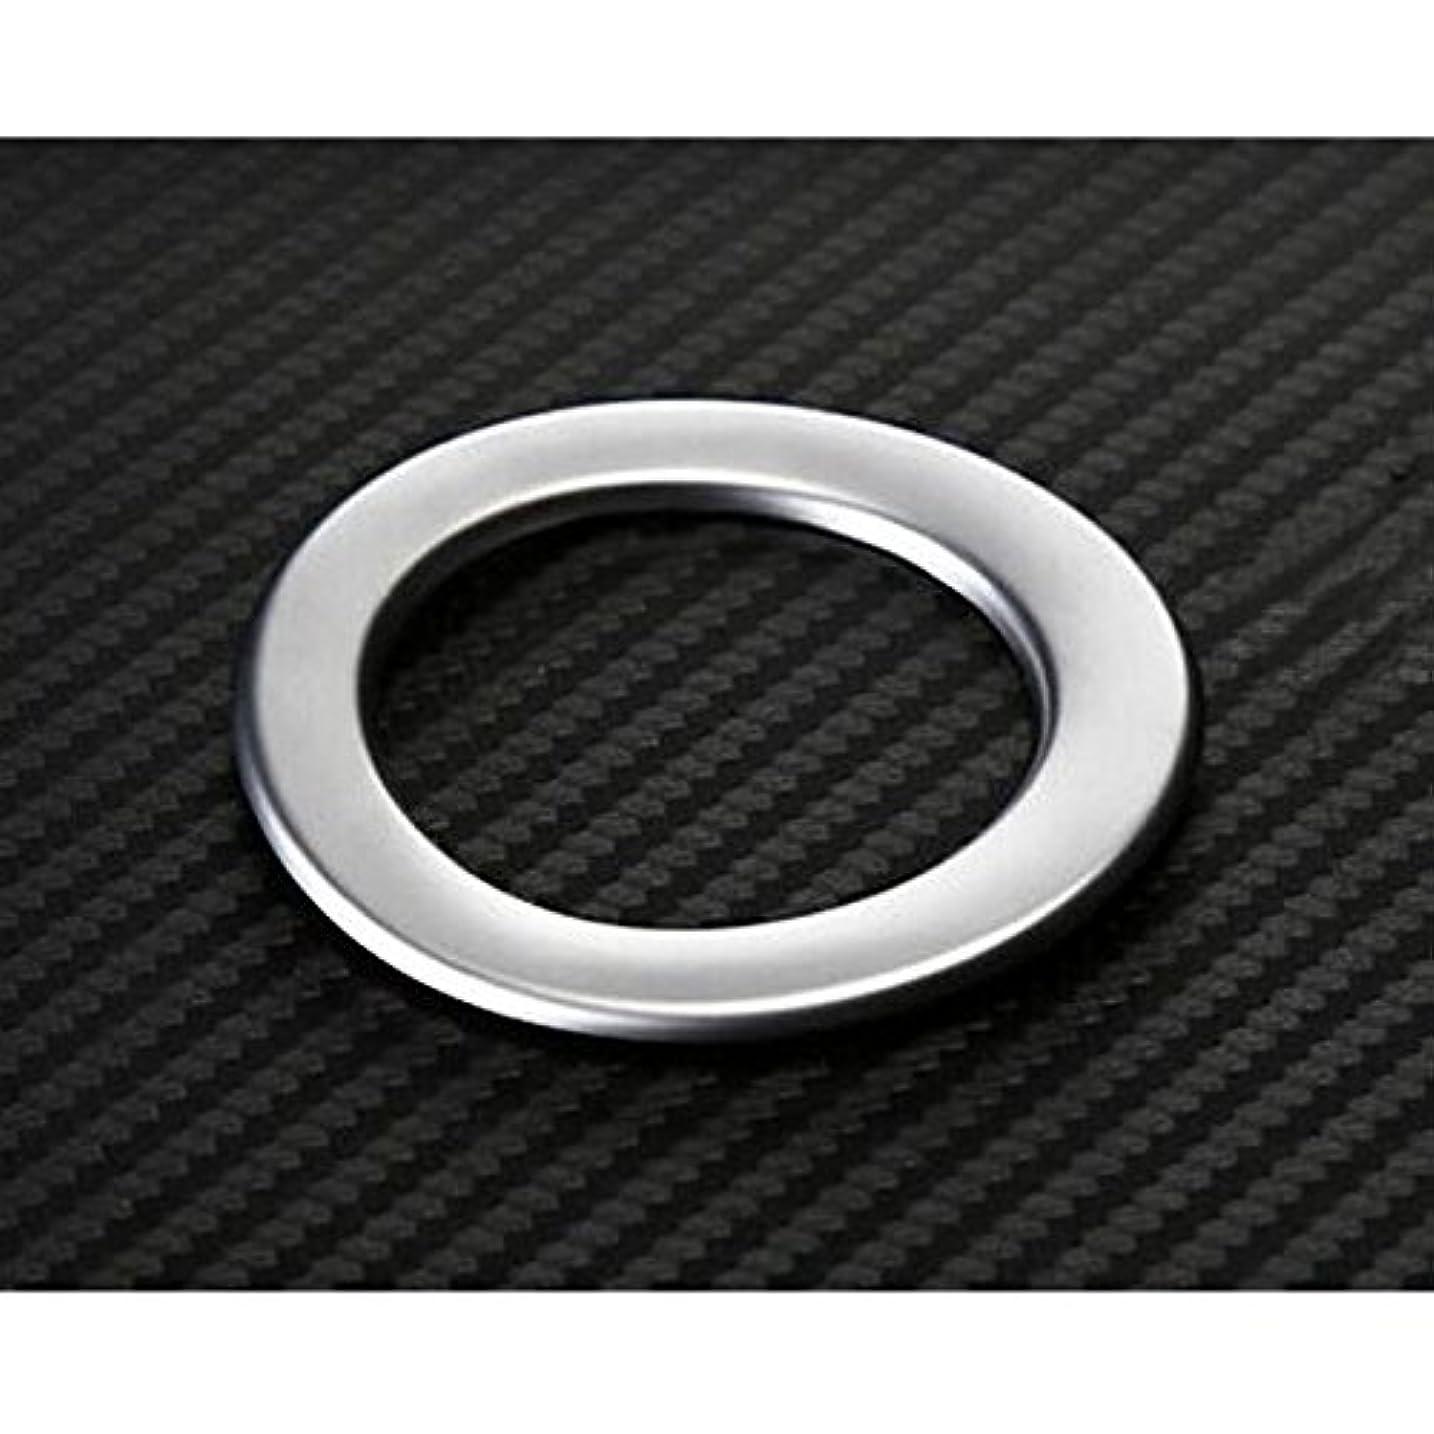 小数モールス信号委託Jicorzo - Decorative Ignition Engine Start Stop Button Cover Sticker Trim Ring Car Styling Fit For Ford Explorer 2016